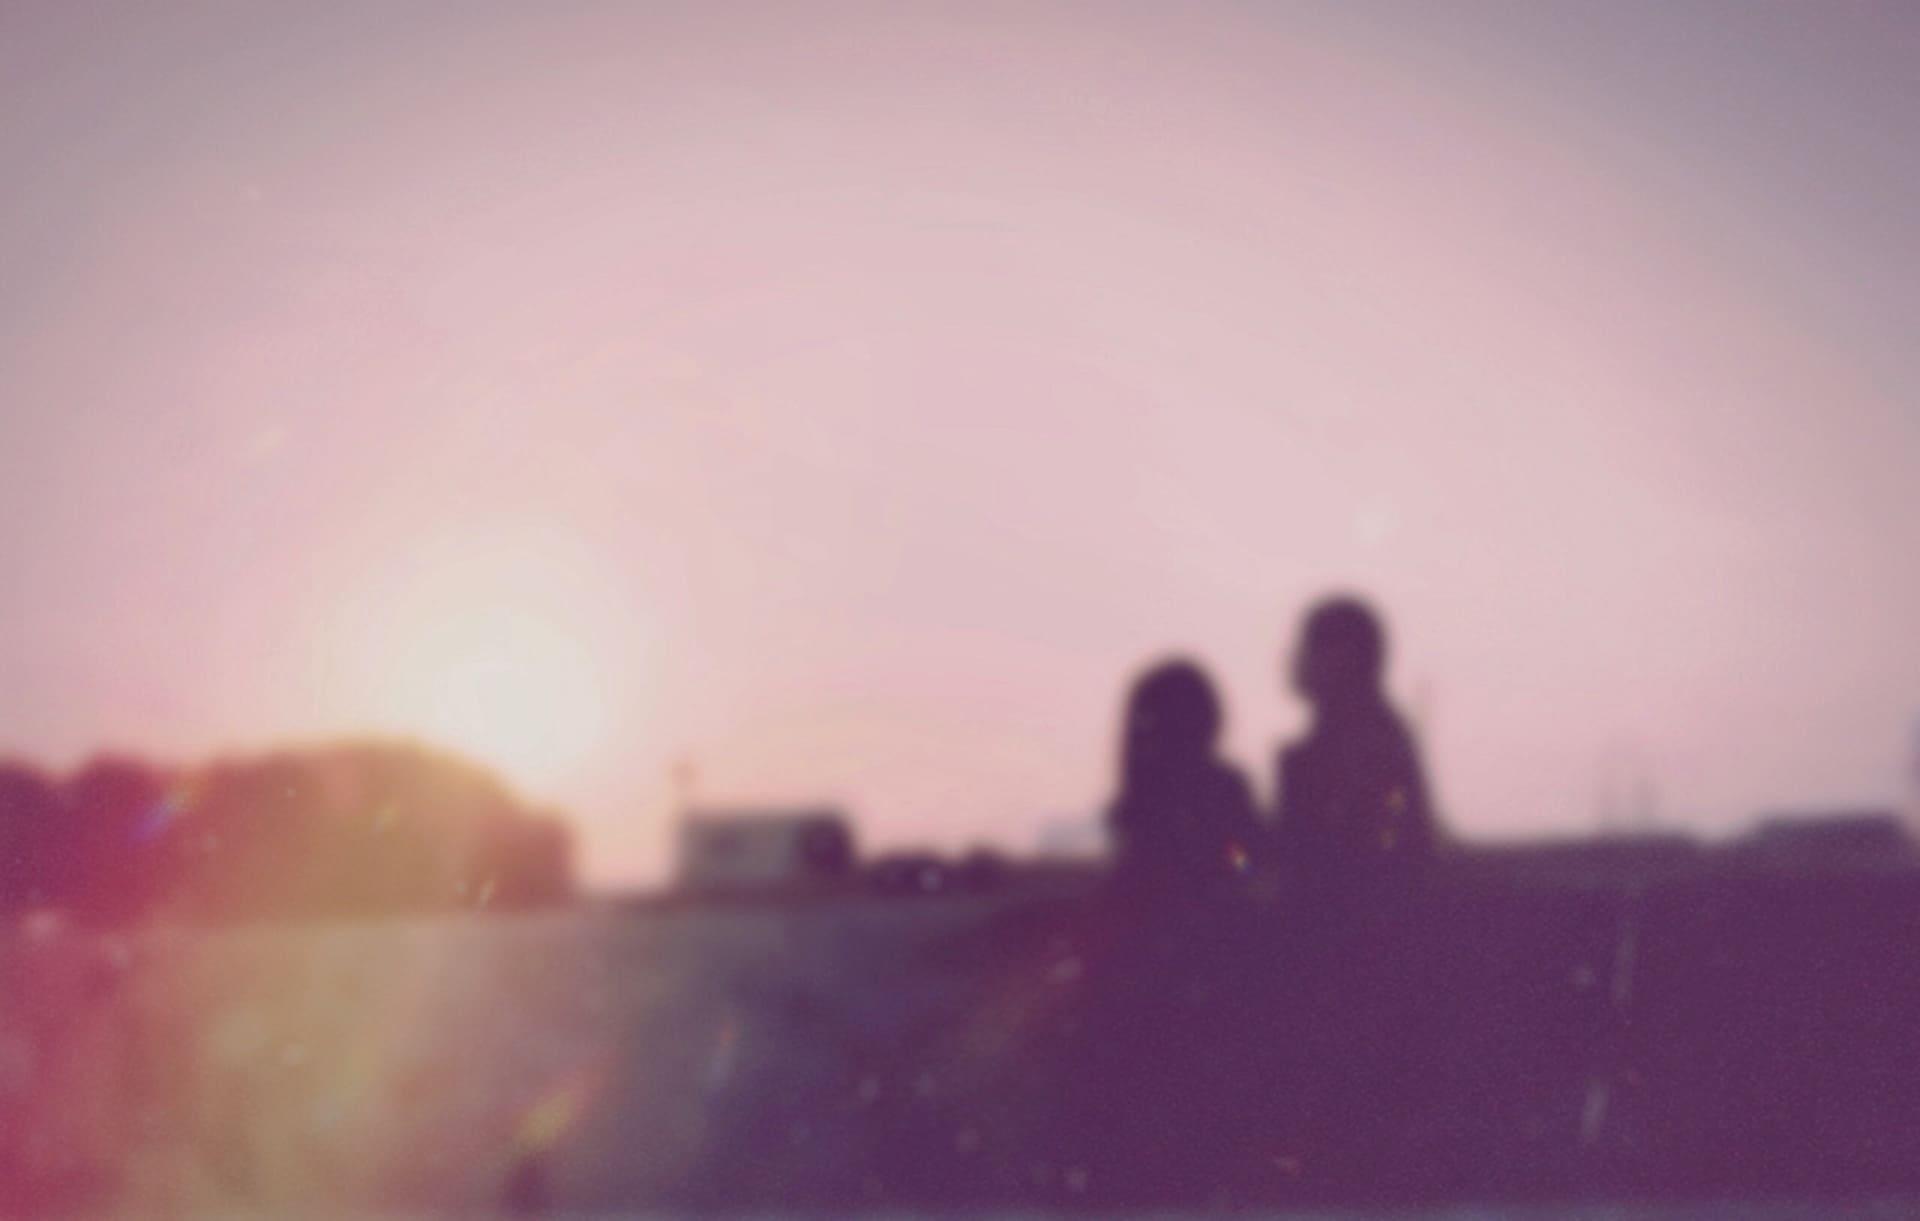 水晶玉子の恋占い|あなたに運命を感じる?相手が思い描いている2人の未来